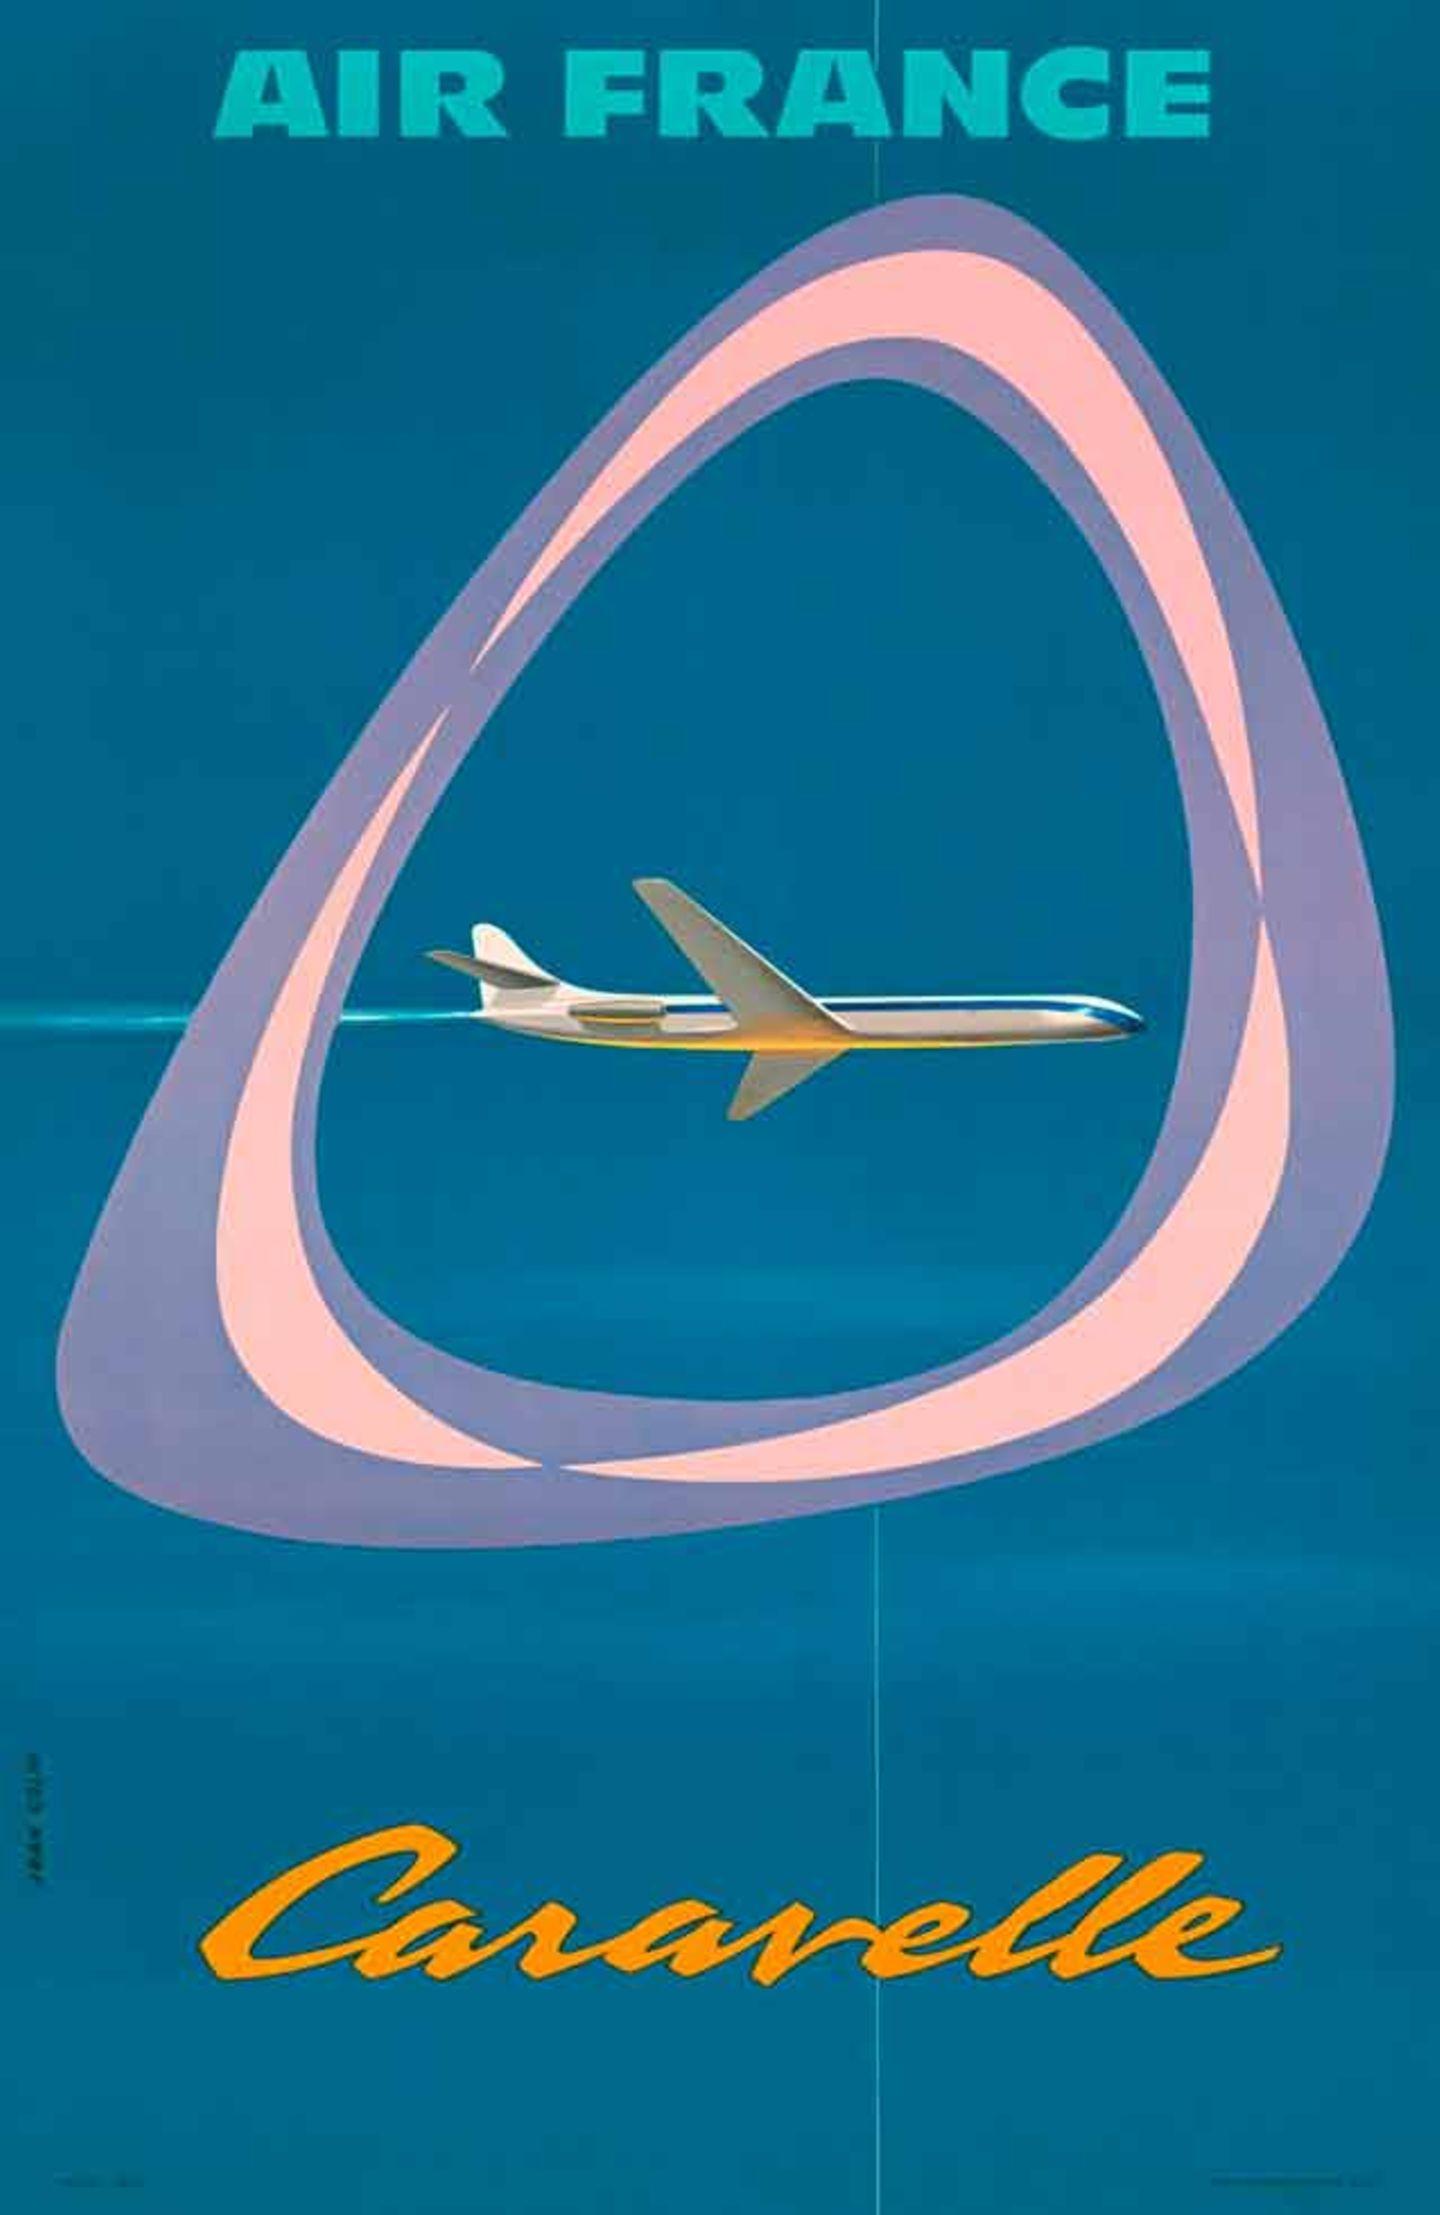 Mit Einsetzen des Jet-Zeitalters änderte Air France auch das Plakat-Design: Jean Colin lässt den Betrachter durch ein symbolisches Flugzeugfenster auf die Caravelle blicken. Der zweistrahlige französische Jet war ab 1959 für Air France im Einsatz.